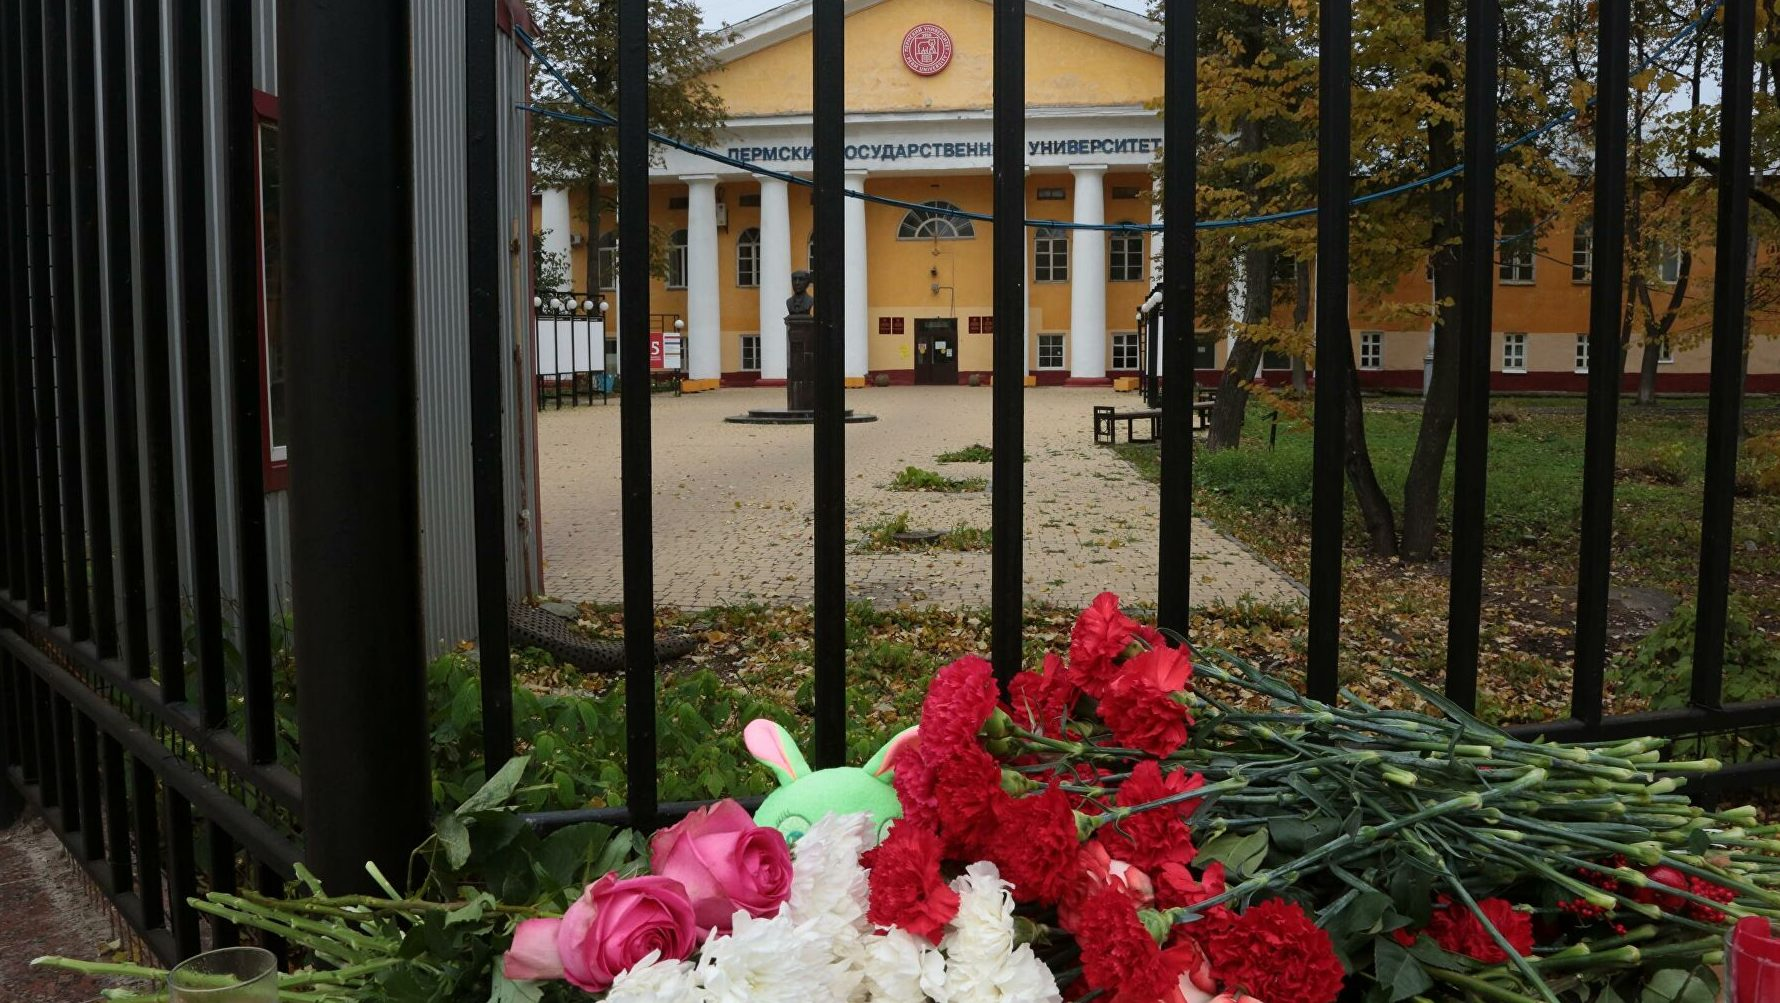 Вуз в Перми возобновил работу после стрельбы